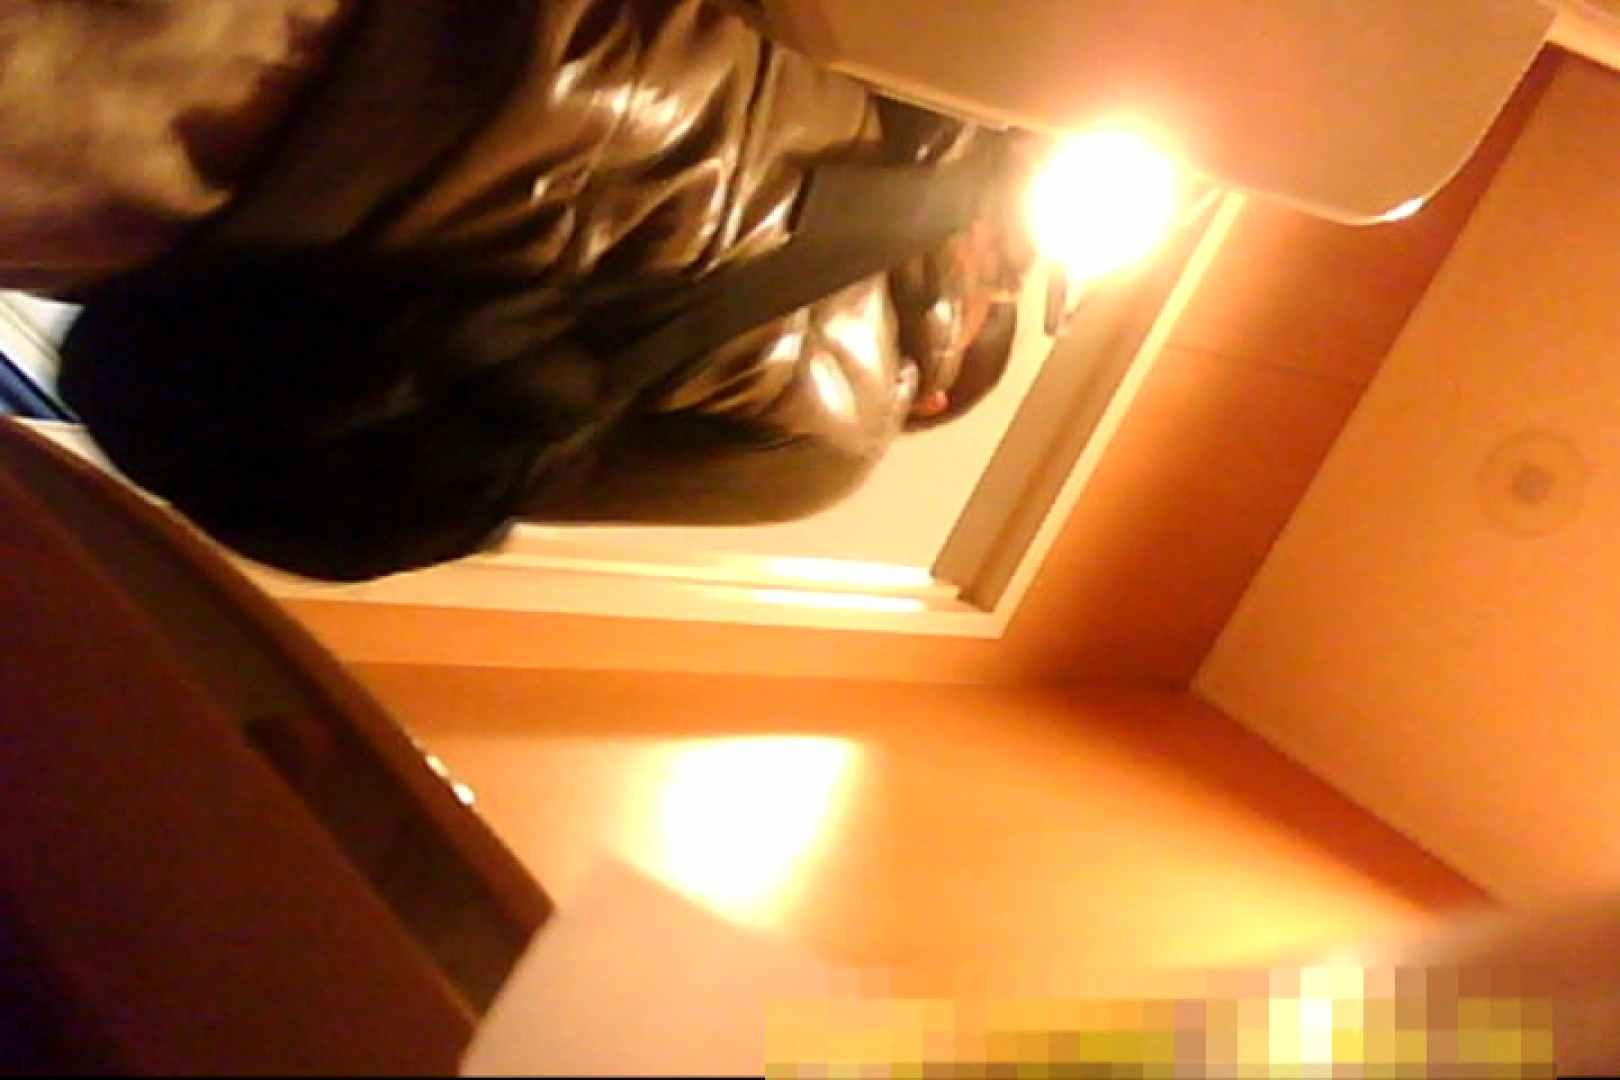 魅惑の化粧室~禁断のプライベート空間~vol.7 エッチすぎるOL達 | プライベート映像お届け  86連発 69